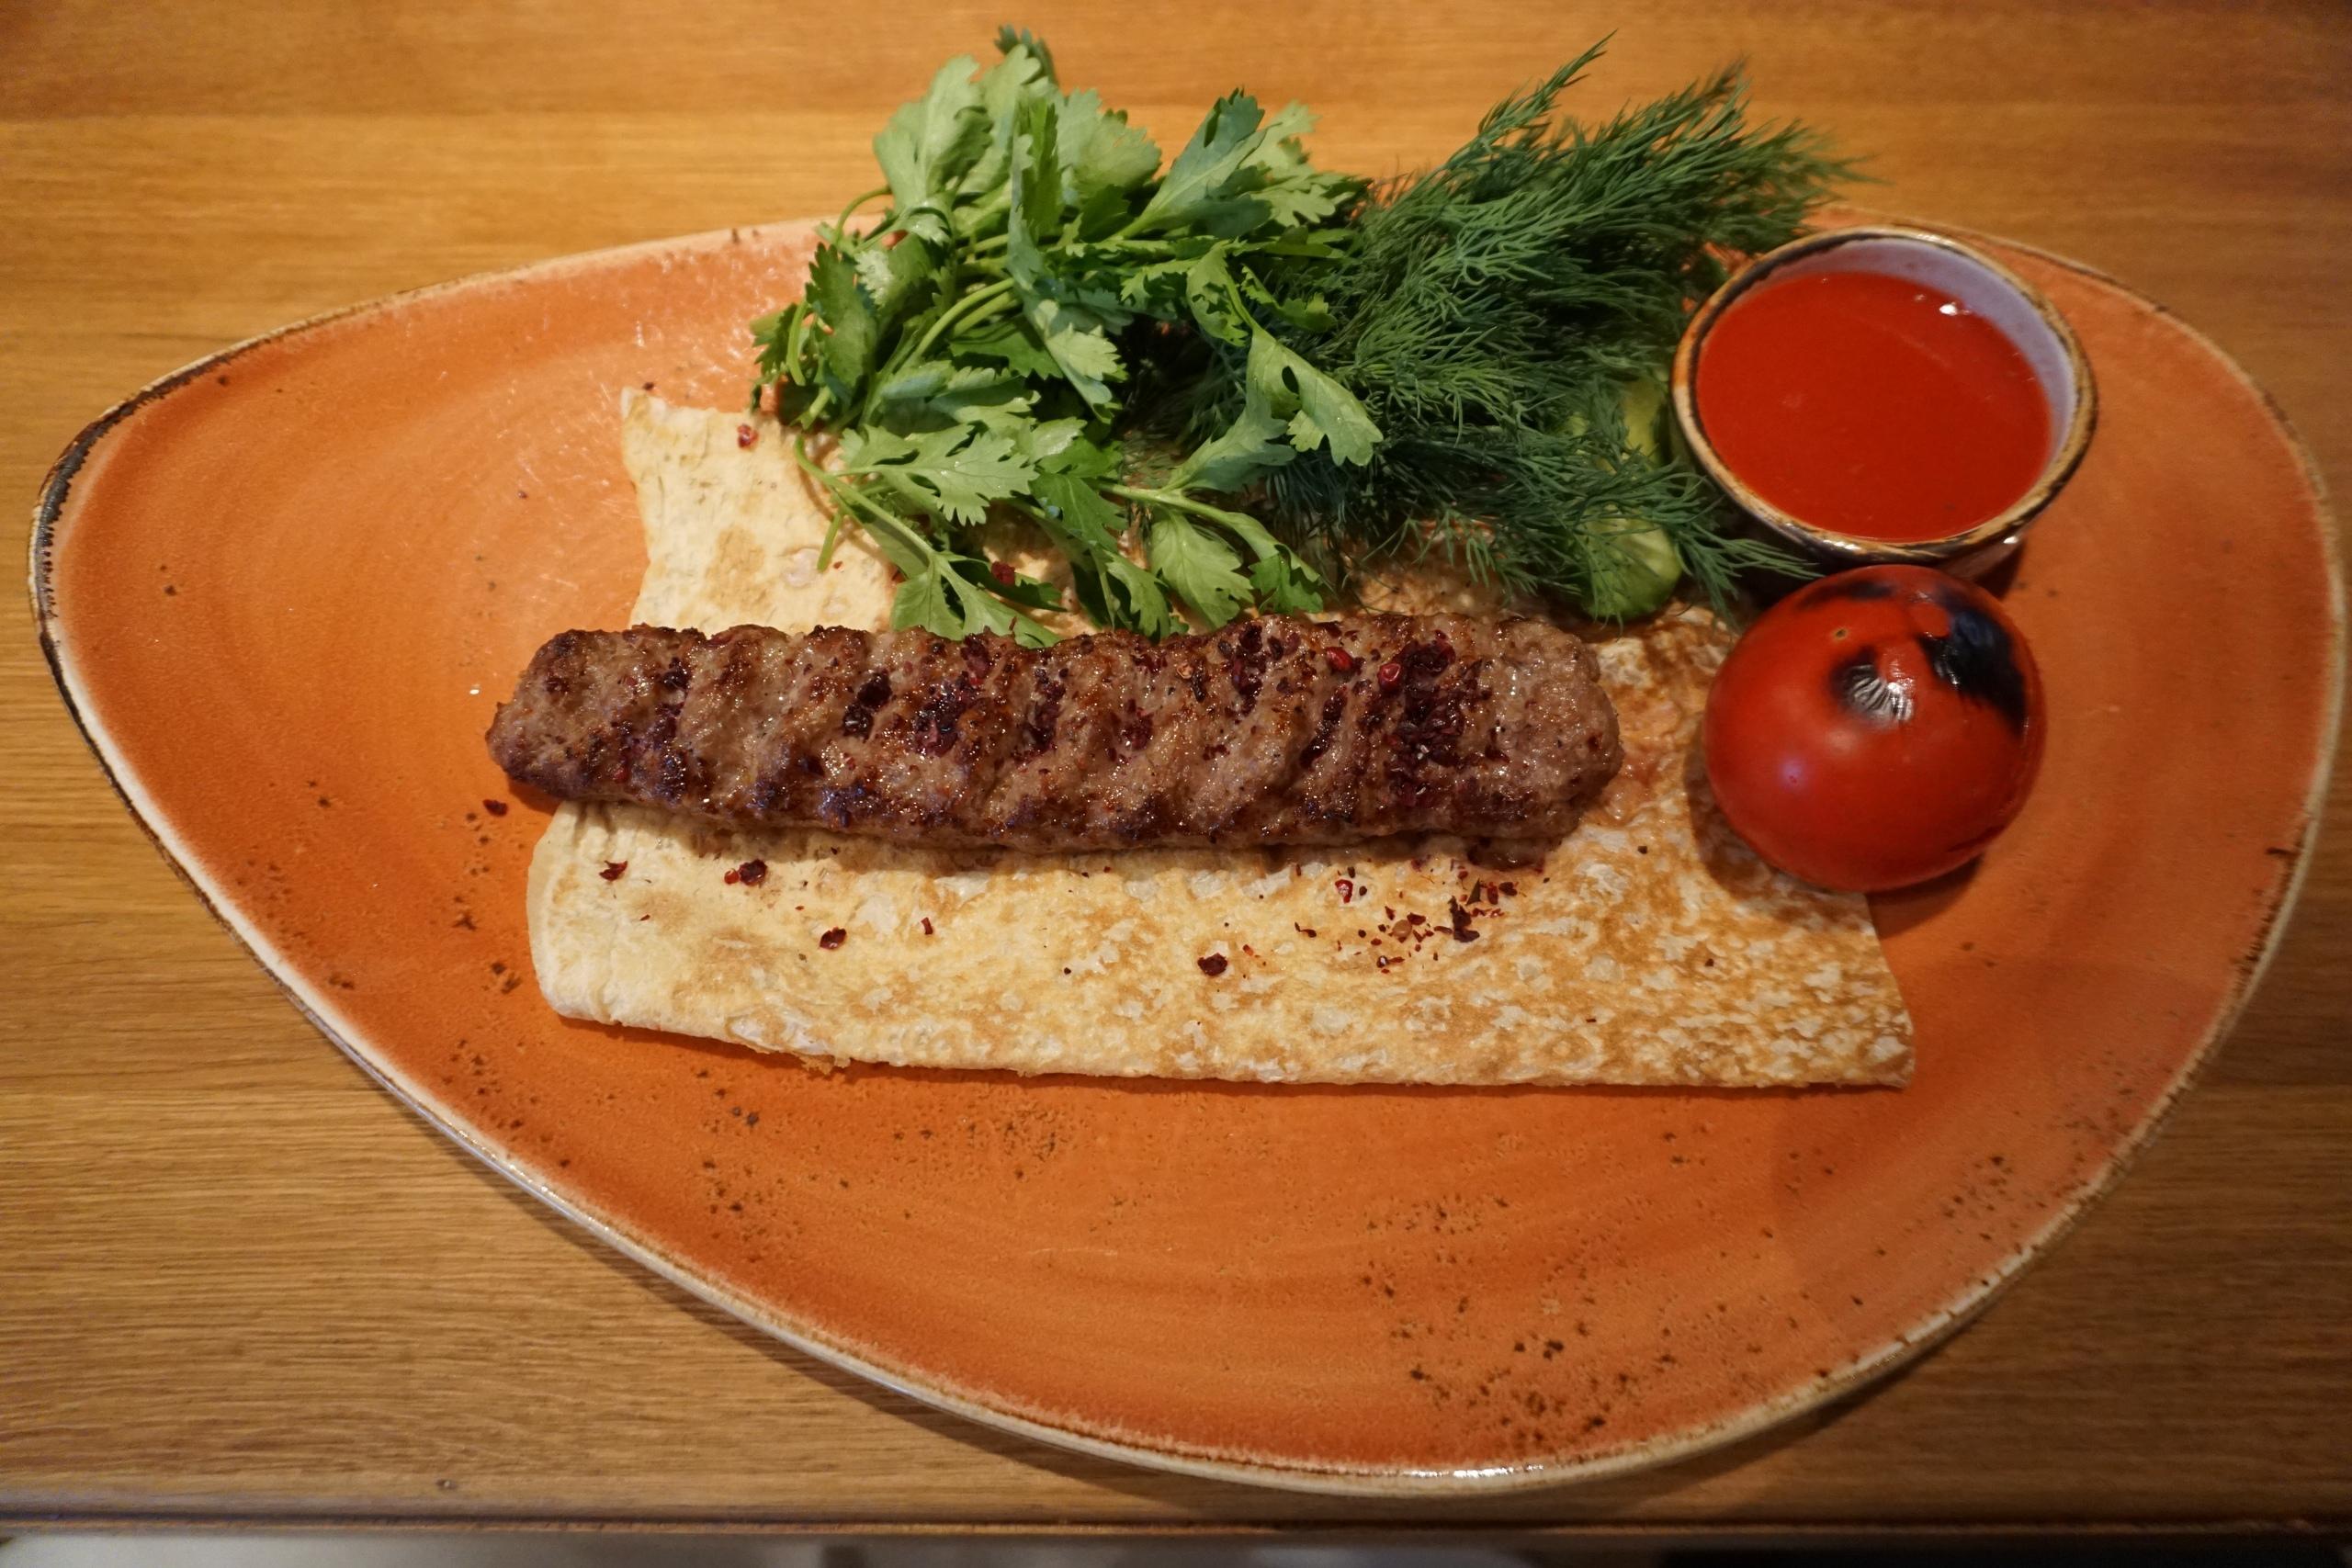 Ресторан кавказской кухни 5642 Высота - ресторан, в котором нет выбора